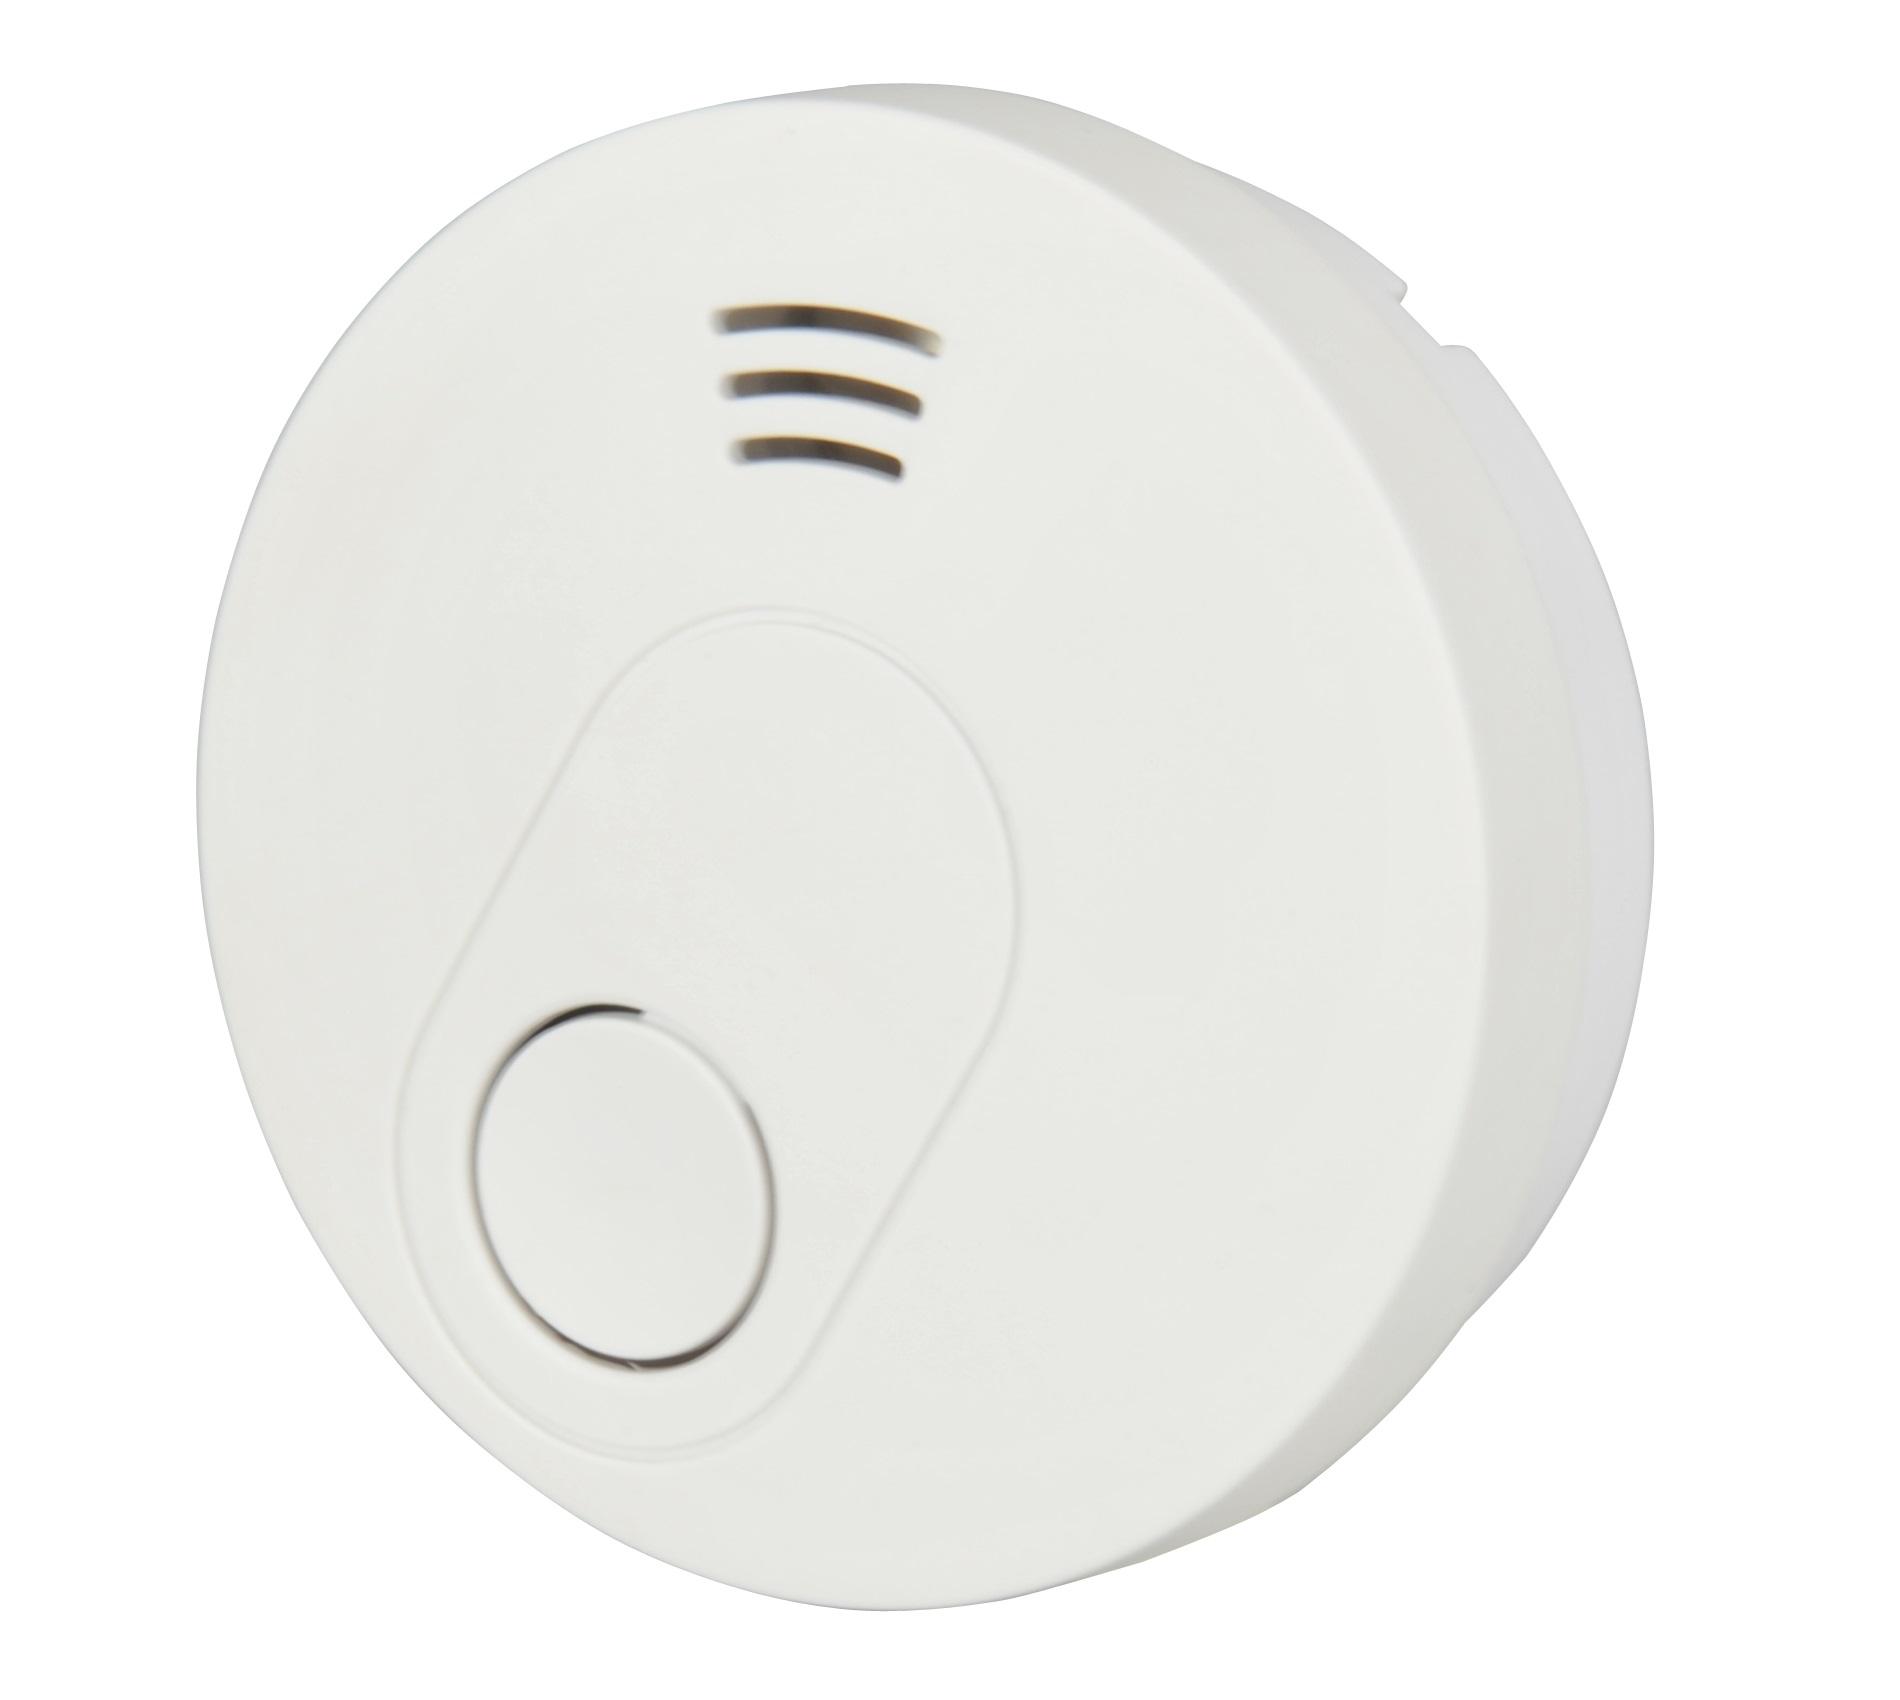 Unitec Rauchwarnmelder fotoelektrisch (VdS-Norm 3131), weiß